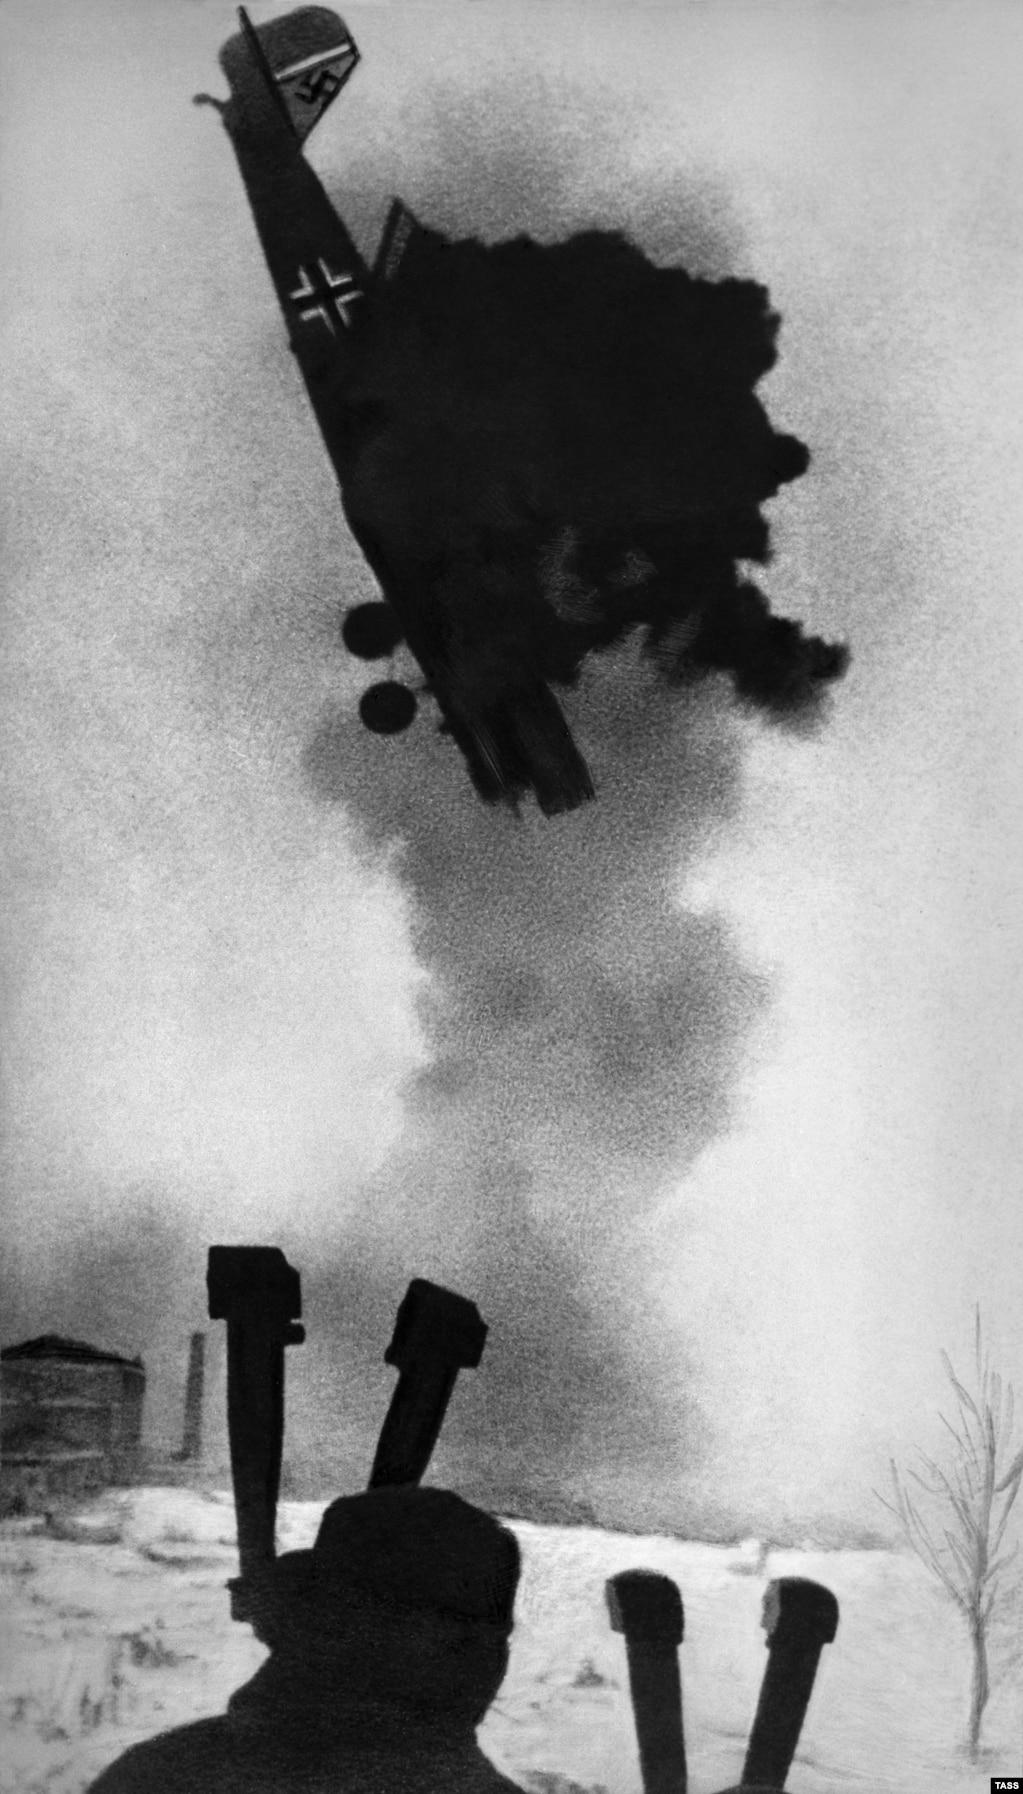 Нават з дапамогай самых сучасных лічбавых фотаапаратаў было б цяжка зрабіць такі здымак, на якім нямецкі самалёт падае буйным плянам. На гэтым «баявым» здымку з 1942 году яшчэ й відаць, што дрэва дакрэсьлілі ўручную.